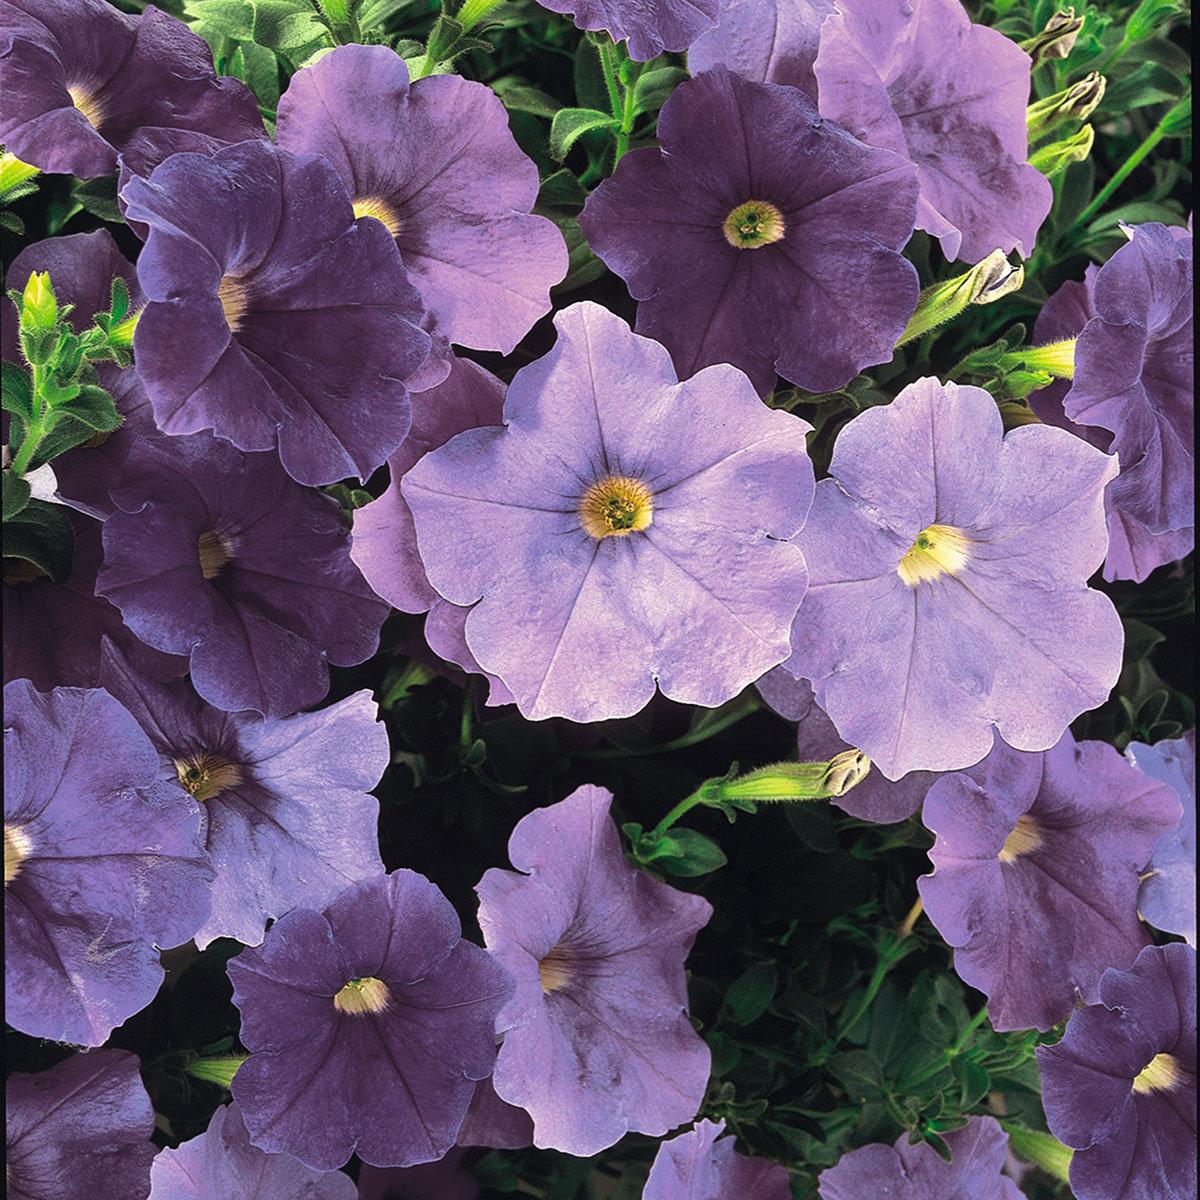 Sommerblumen-Set Bunte Riesen-Petunien AlpeTunia®, 6 Stück, im ca. 12 cm-Topf | #3